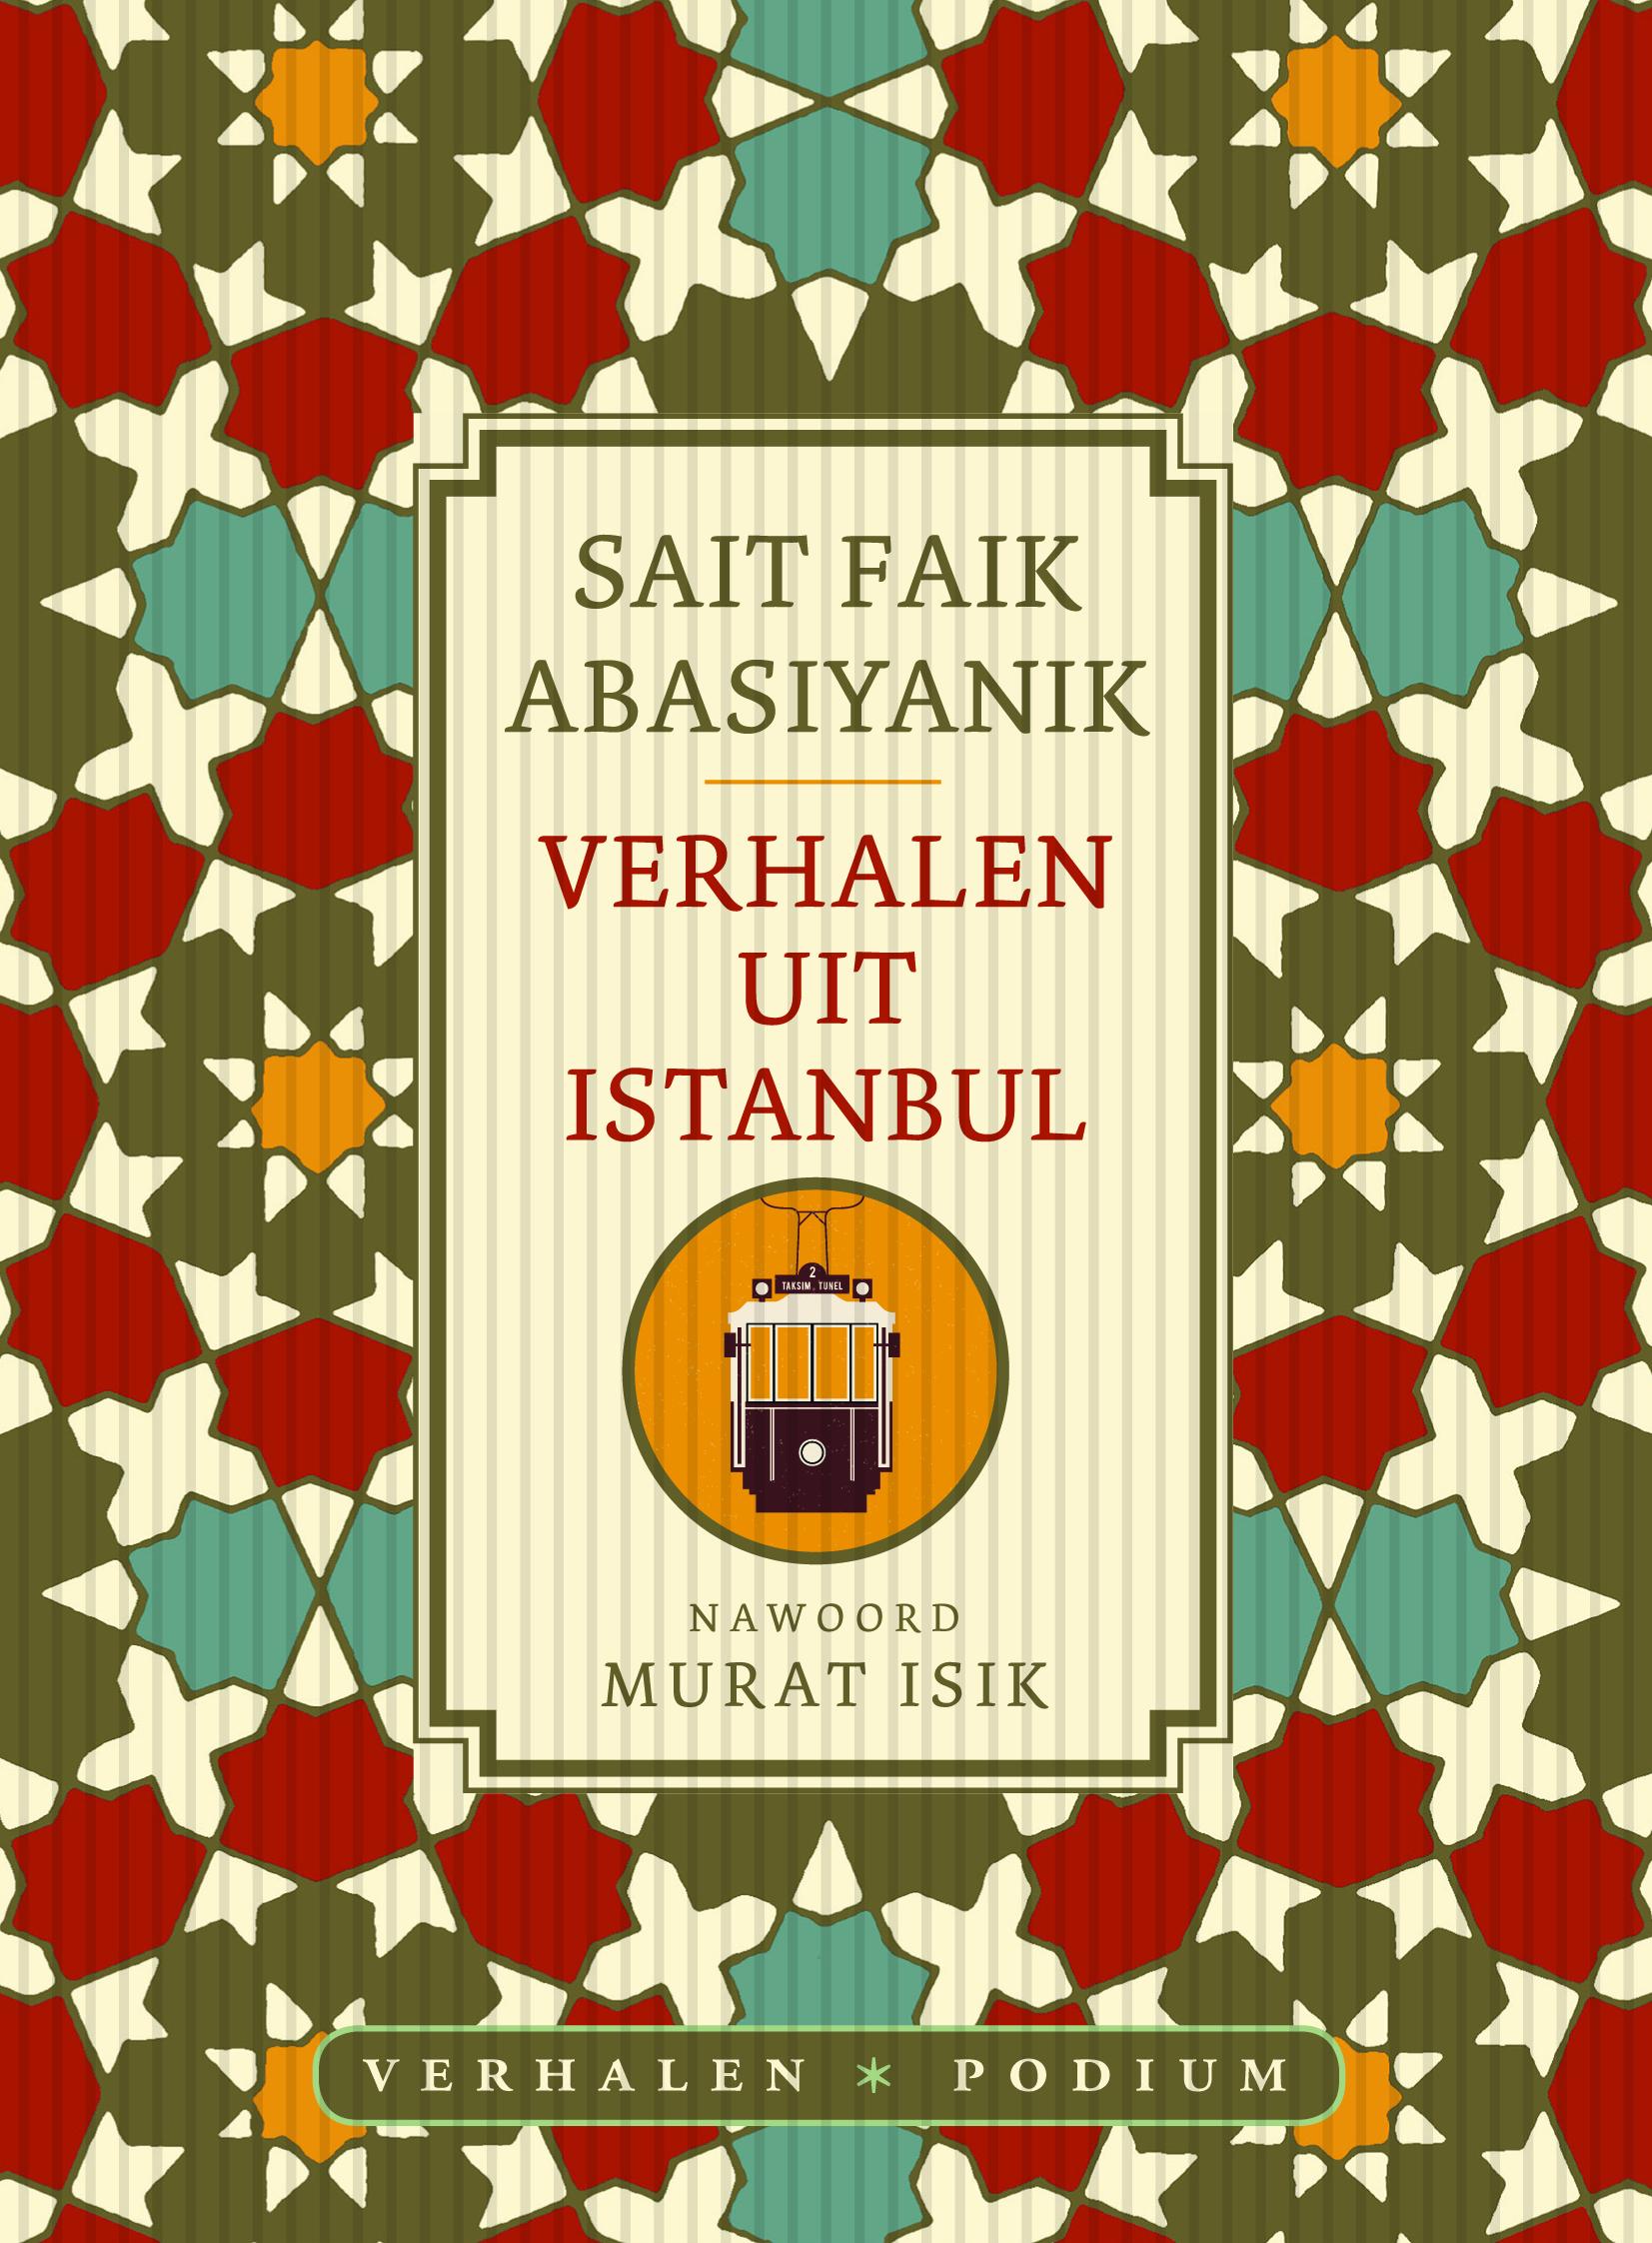 'Verhalen uit Istanbul' – Het oog van Sait Faik Abasıyanık